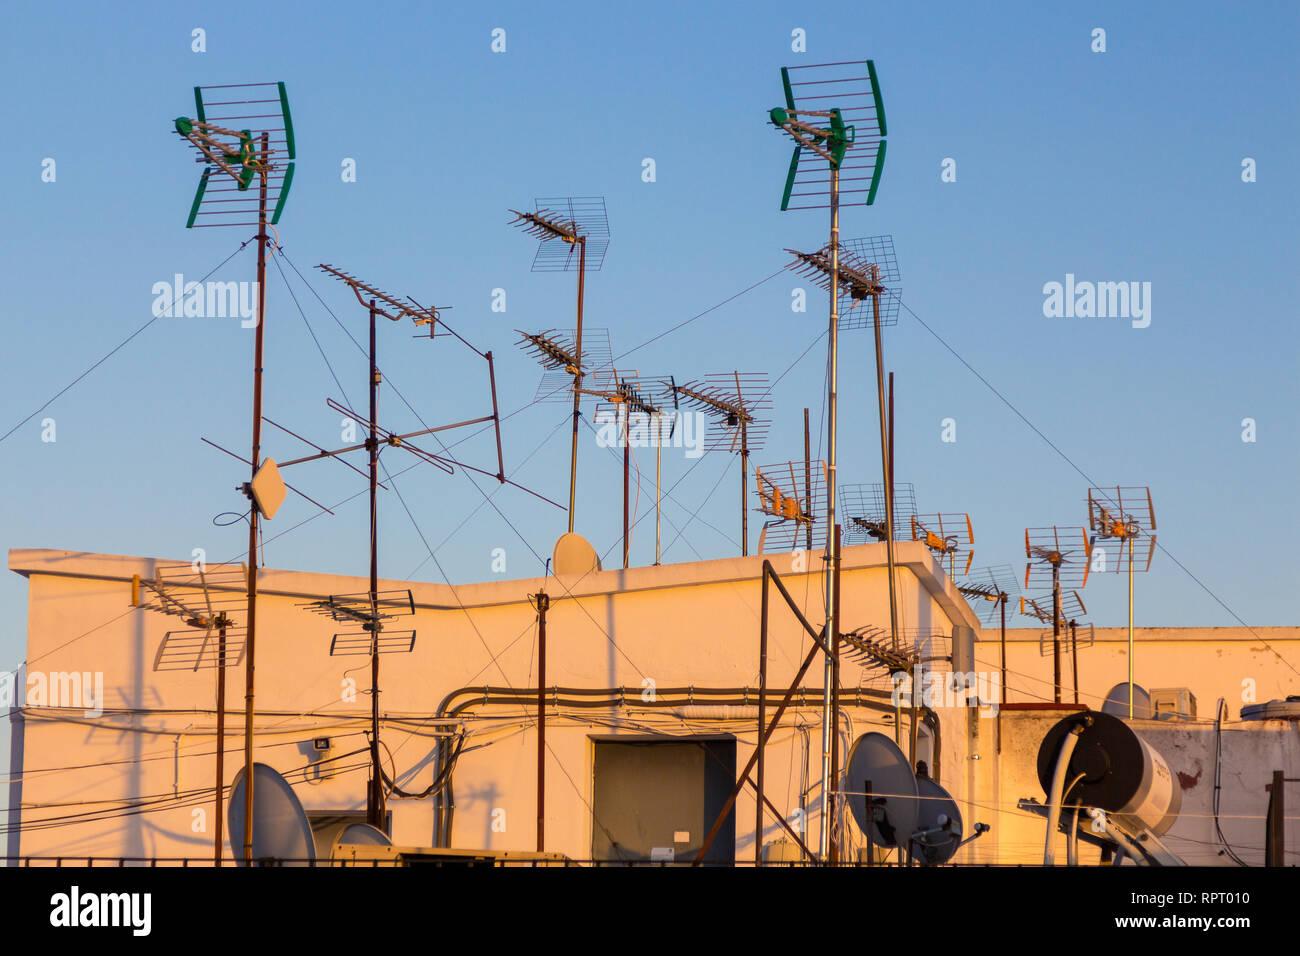 Dachterrasse mit TV und Radio Antennen für den Empfang von analogen Kanäle in der Innenstadt von Sevilla Stockbild